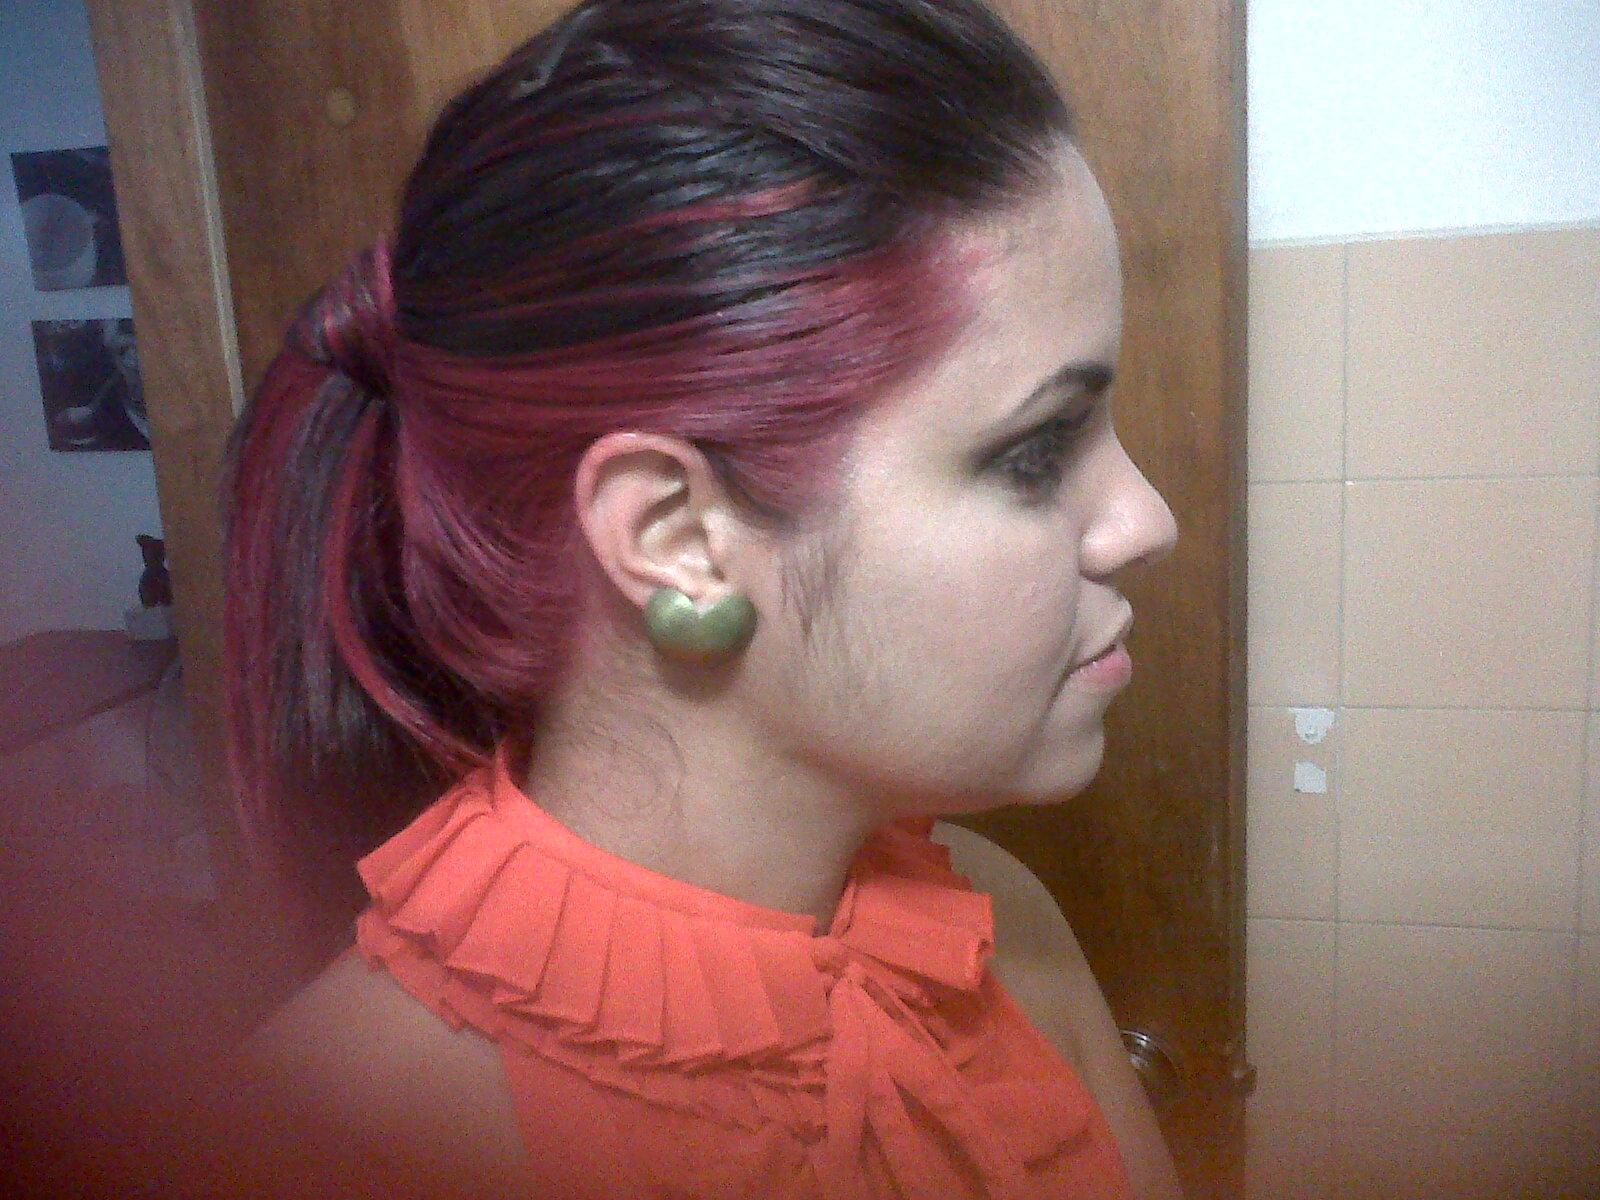 Baño De Color Rojo Sobre Castano Oscuro:Si su tono natural es de color oscuro, sus pigmentos internos siempre